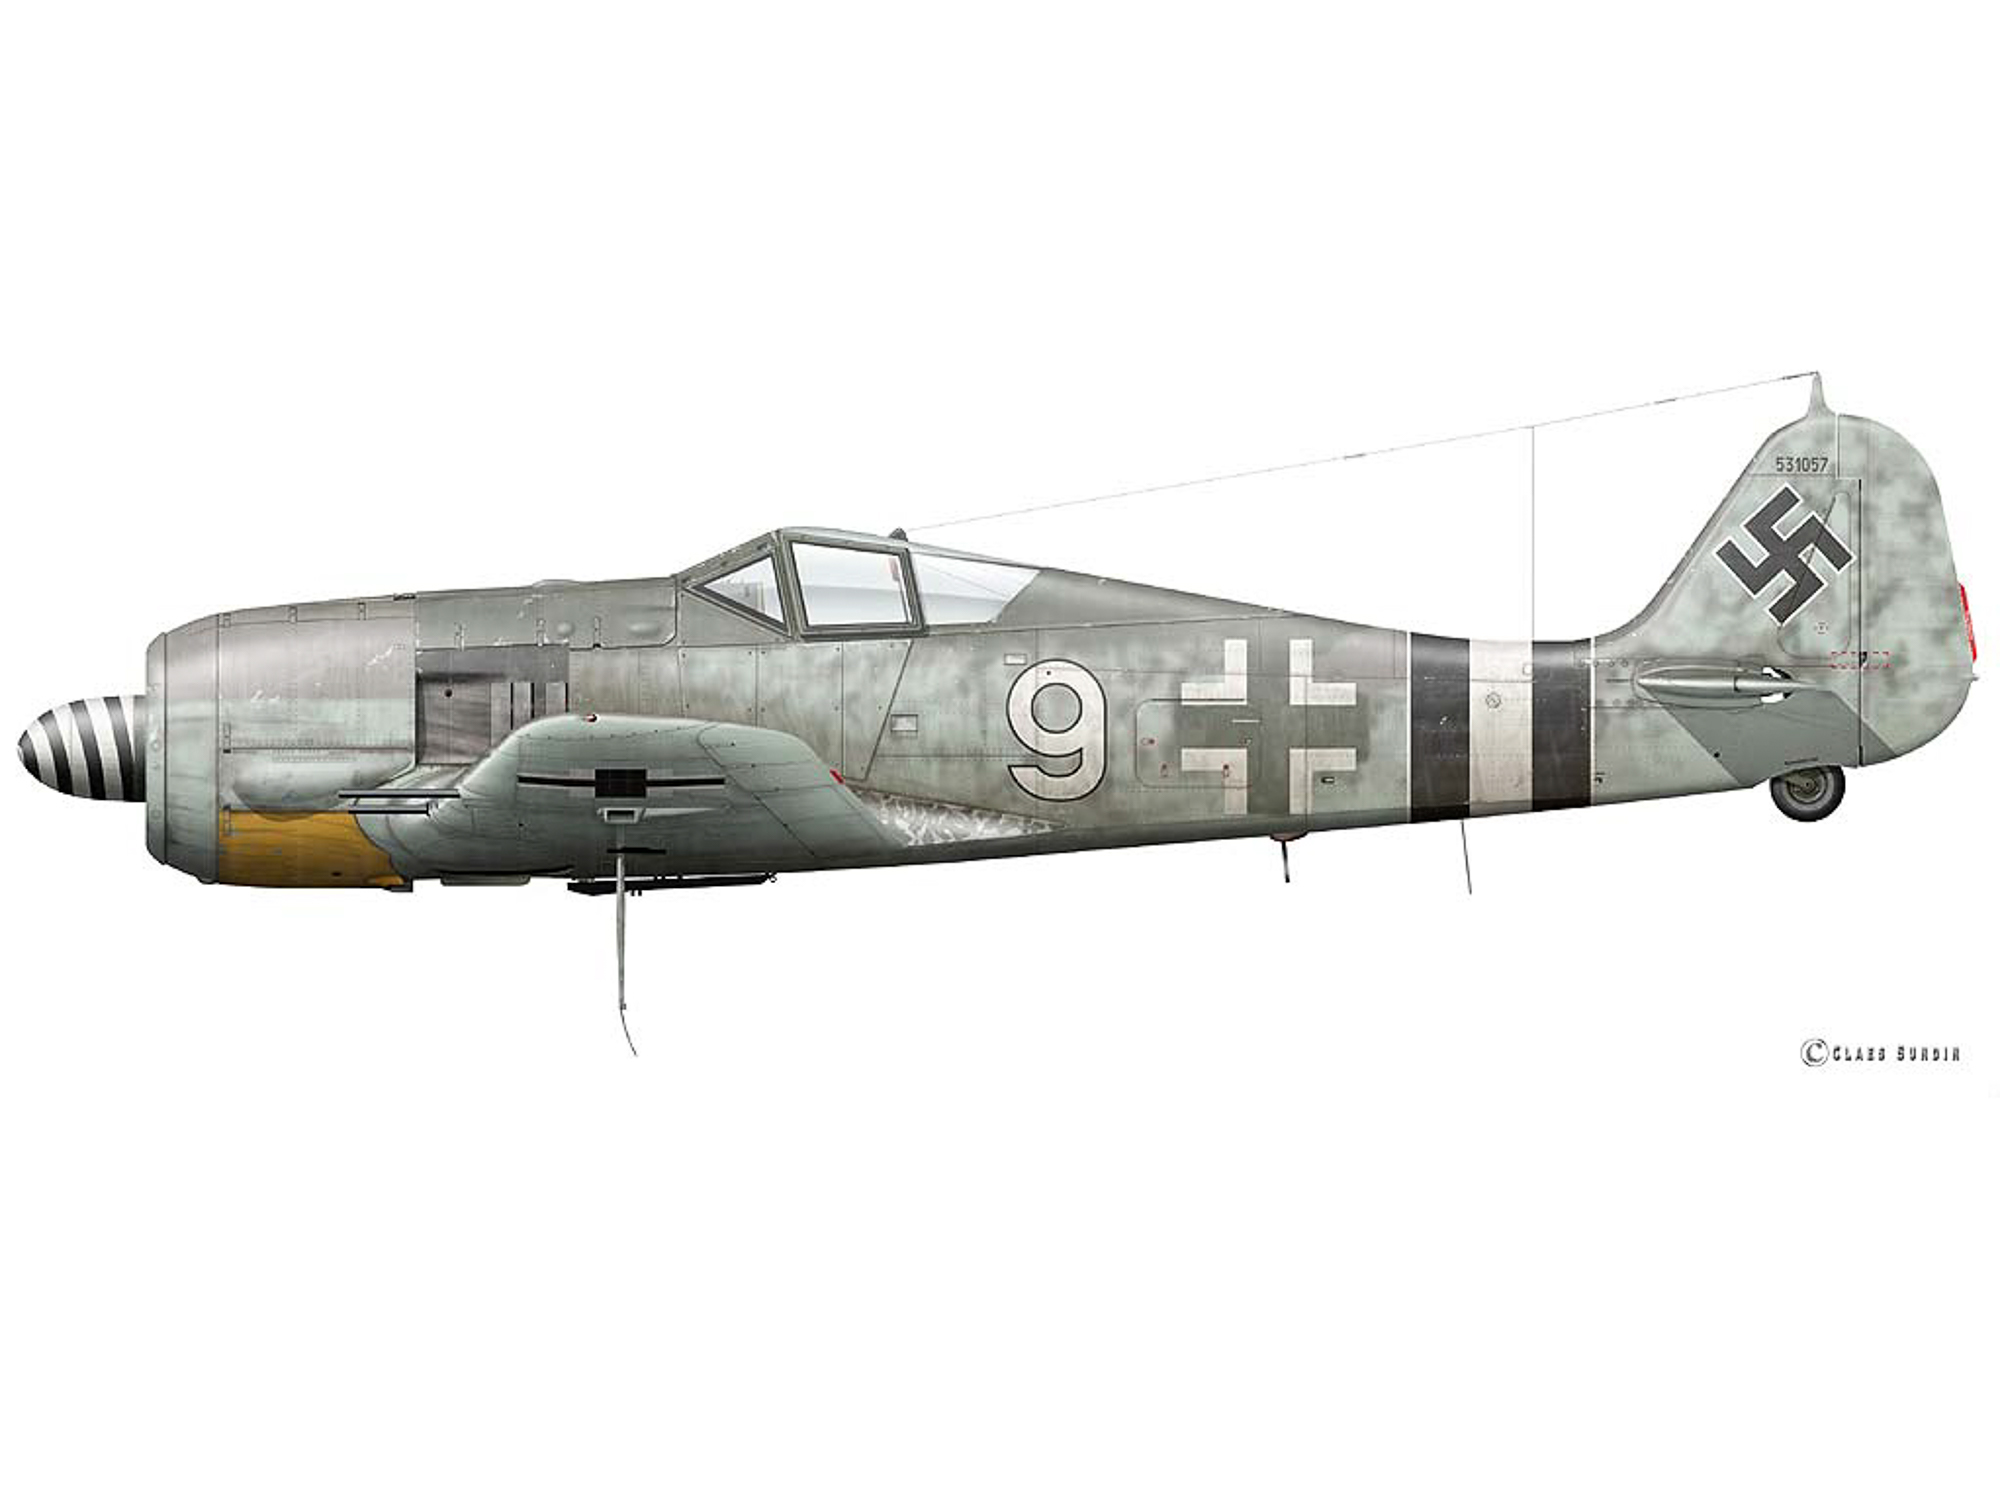 Fw 190A-6 - White 9 - 531057